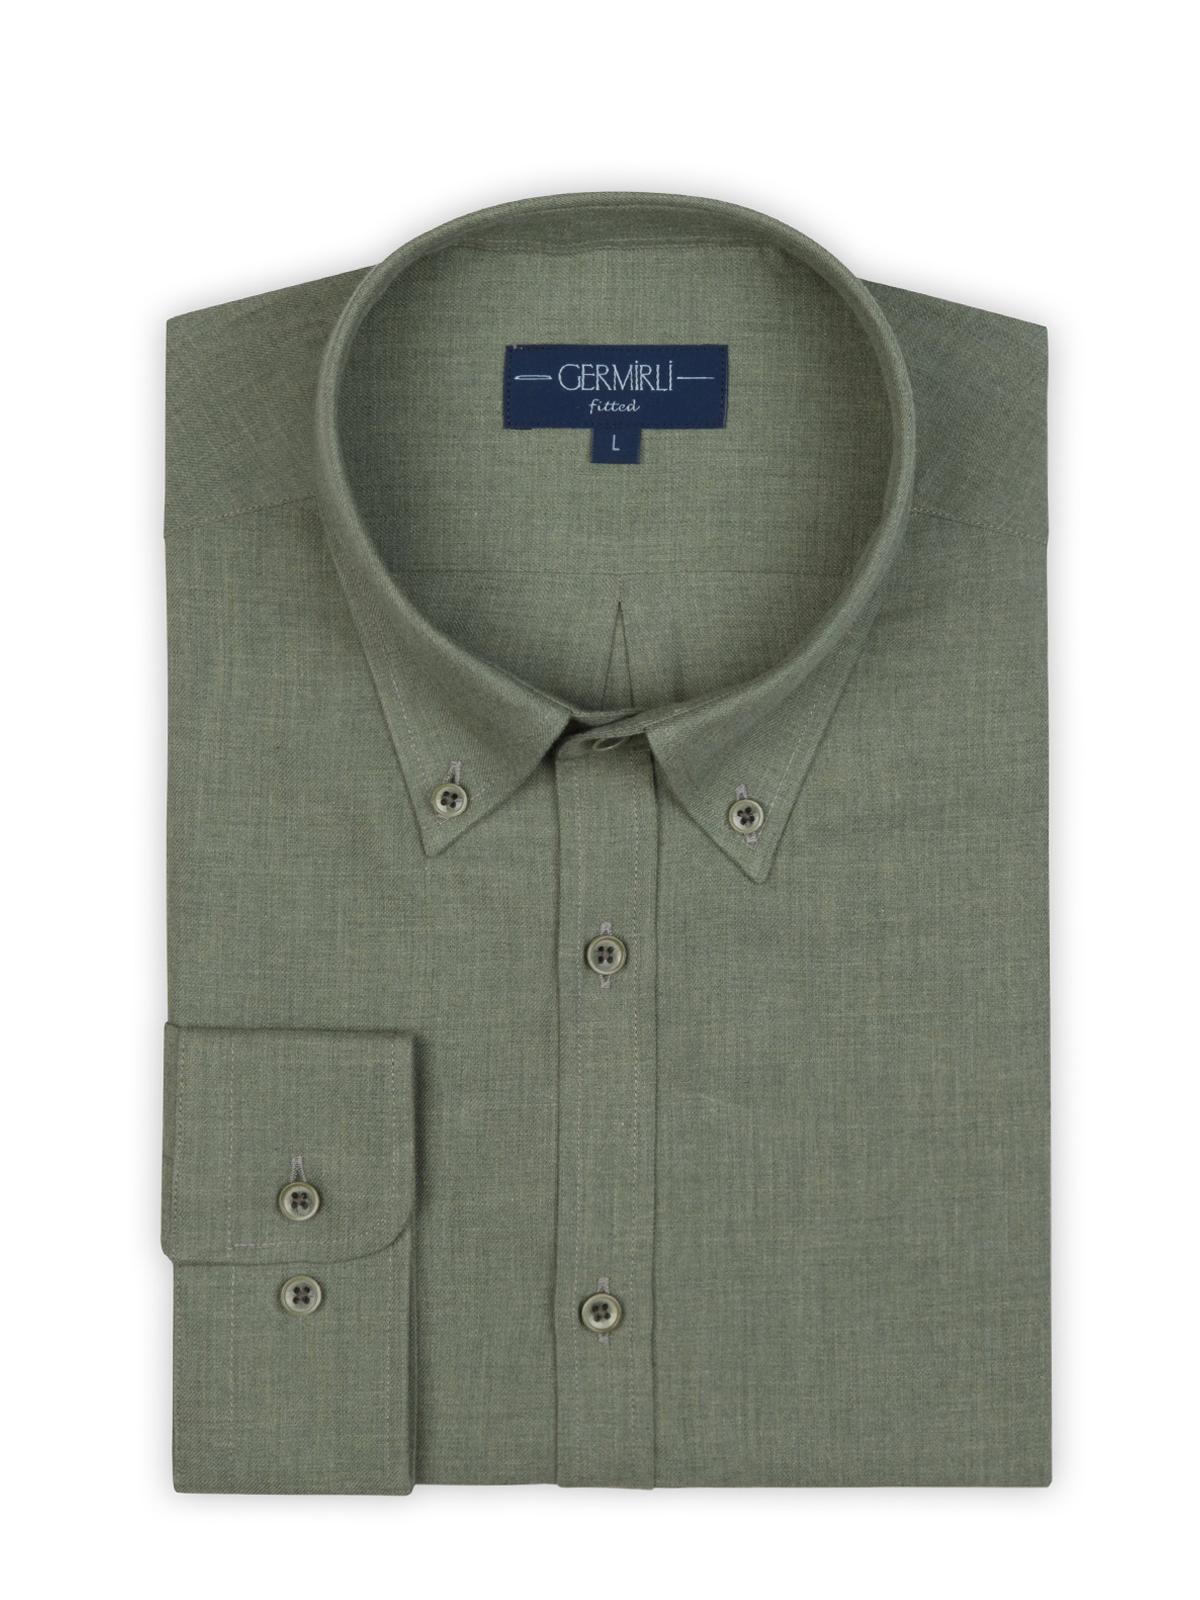 Germirli Açık Yeşil Flanel Düğmeli Yaka Tailor Fit Gömlek